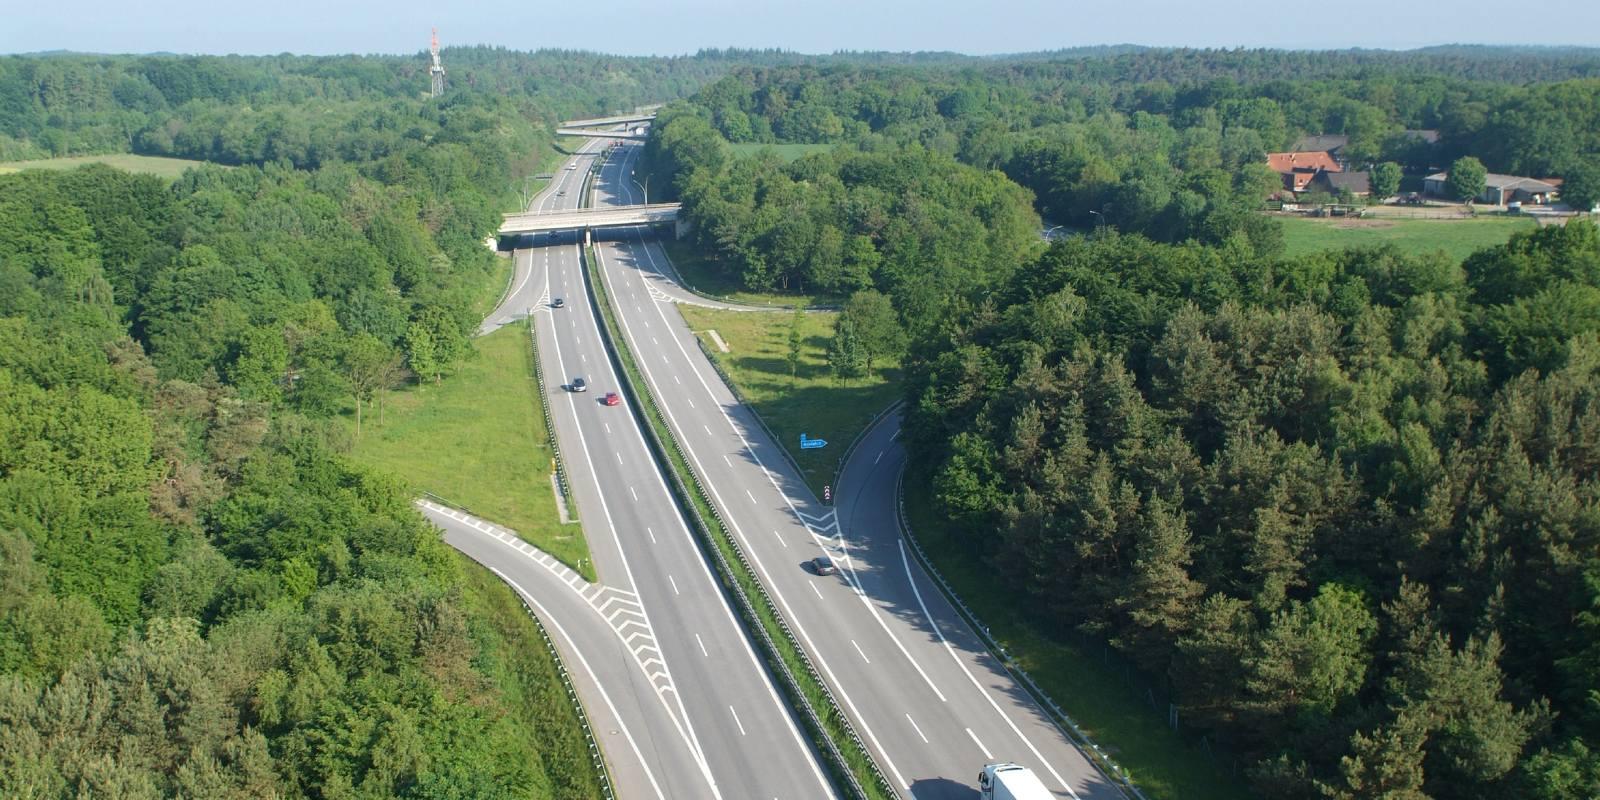 autobahn-a7